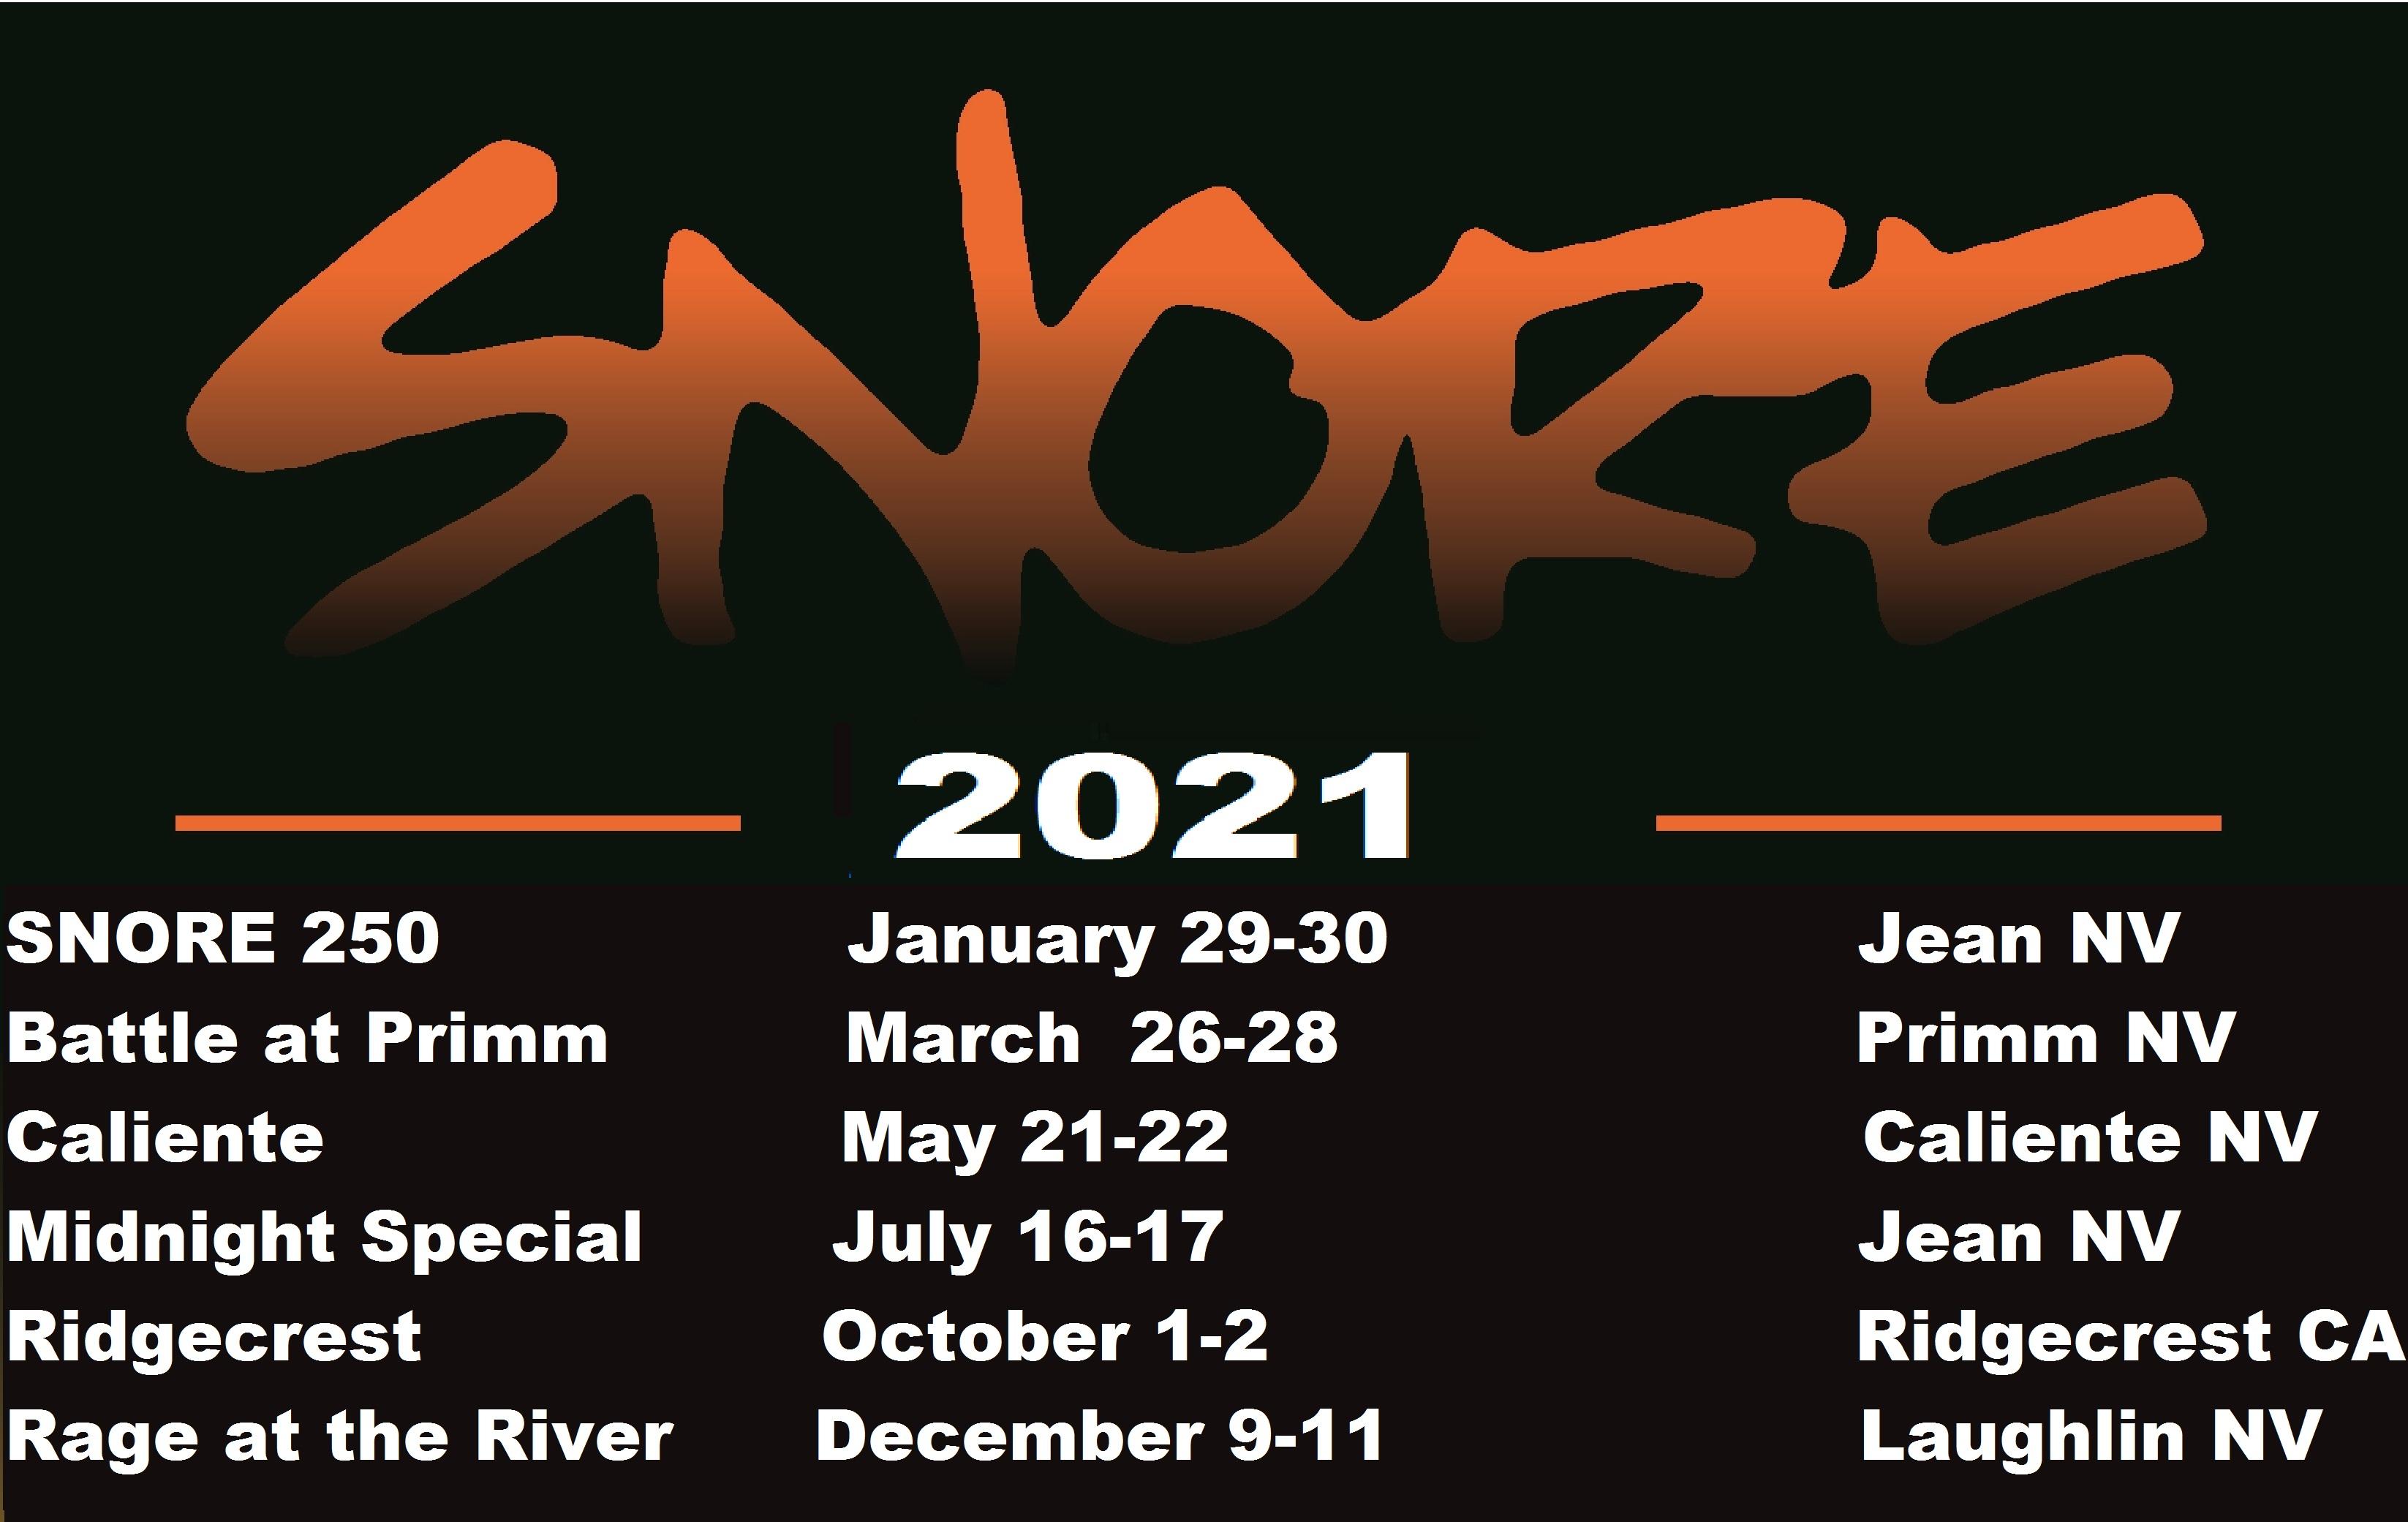 2021 snore.jpg